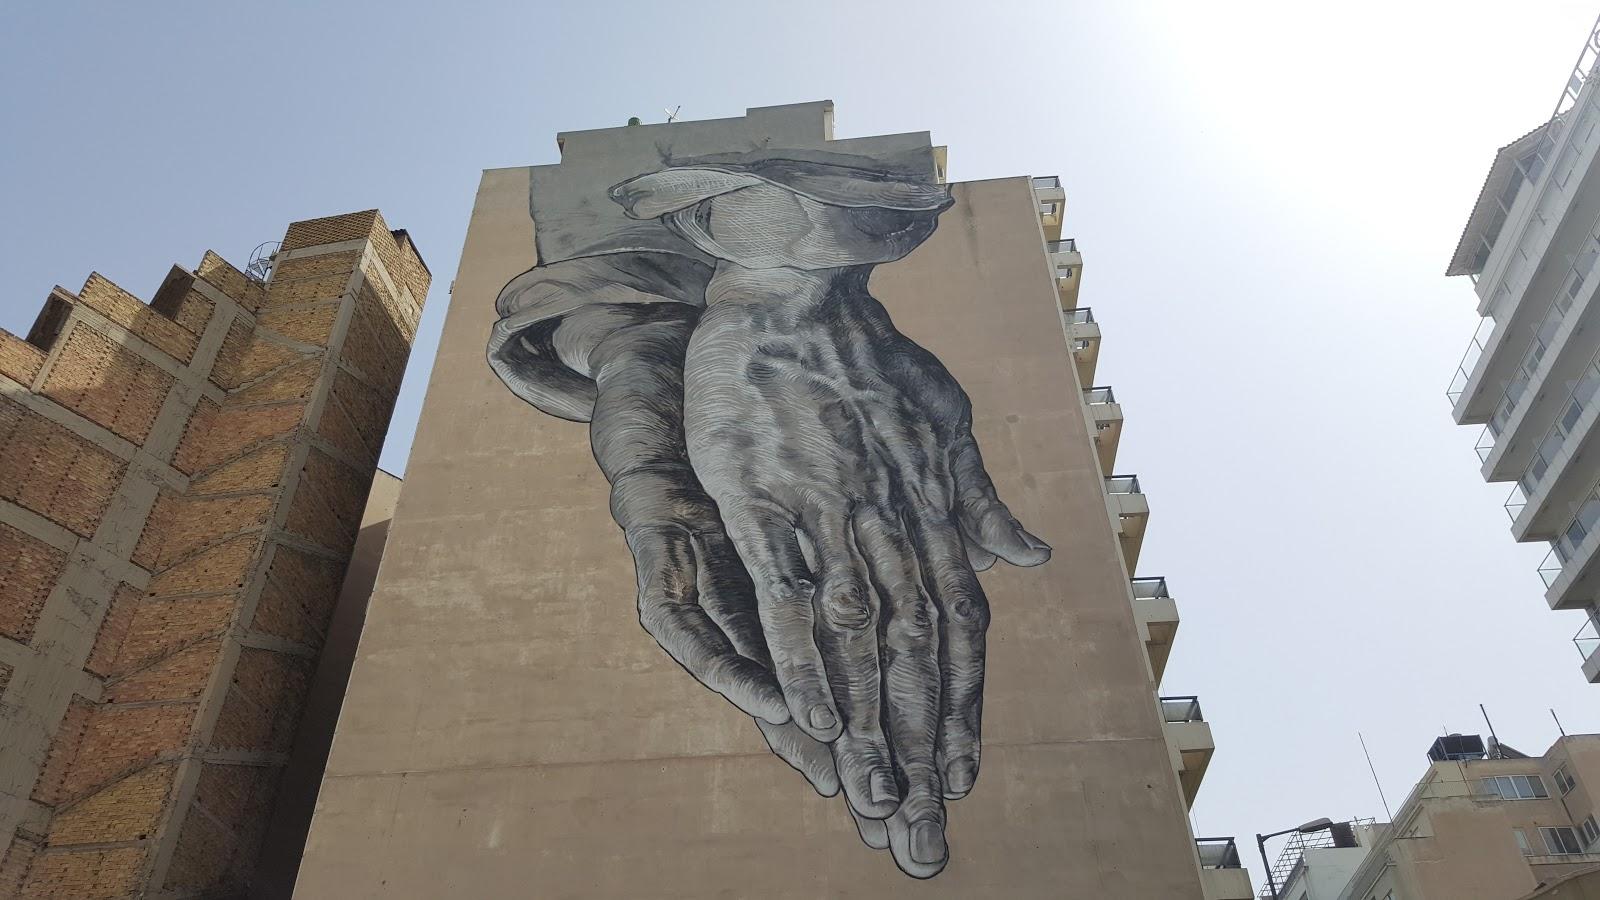 Atena, Artă stradală, graffiti, Grecia